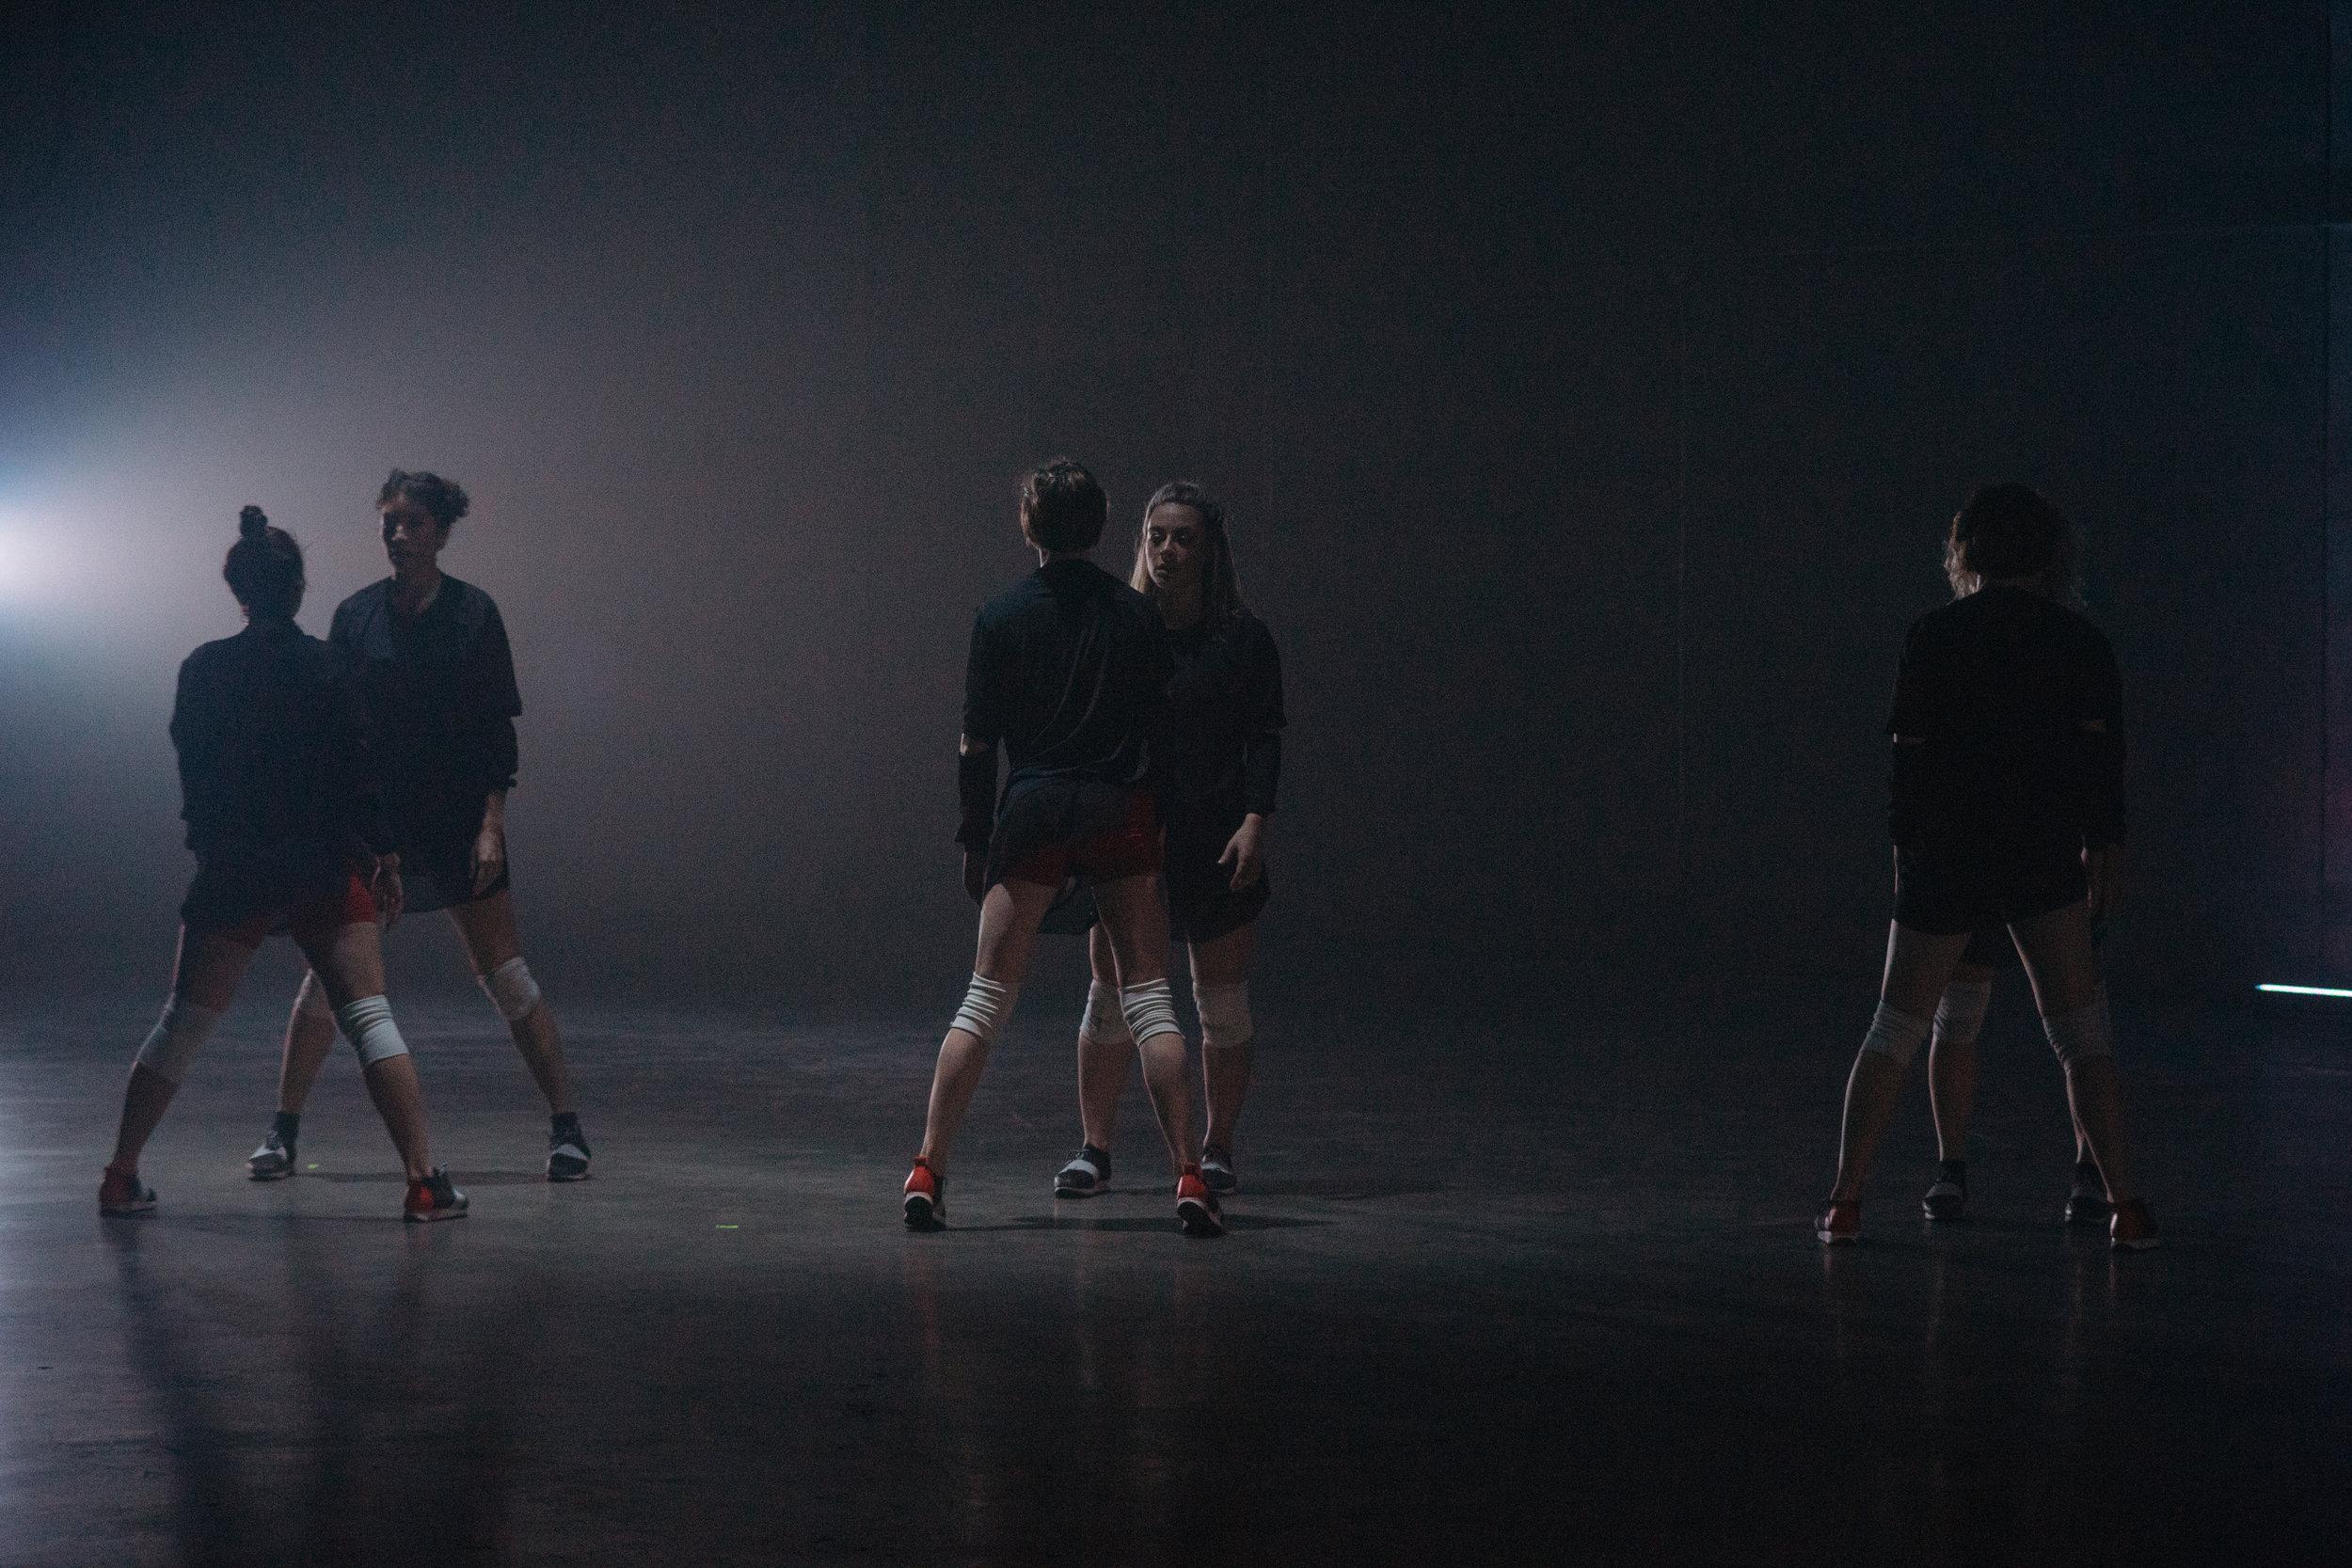 Dancers: Katie Hopkins, Sarah Navarrete, Katie Gunderson, Alex Miller, Taryn Lavery, Hailley Lauren